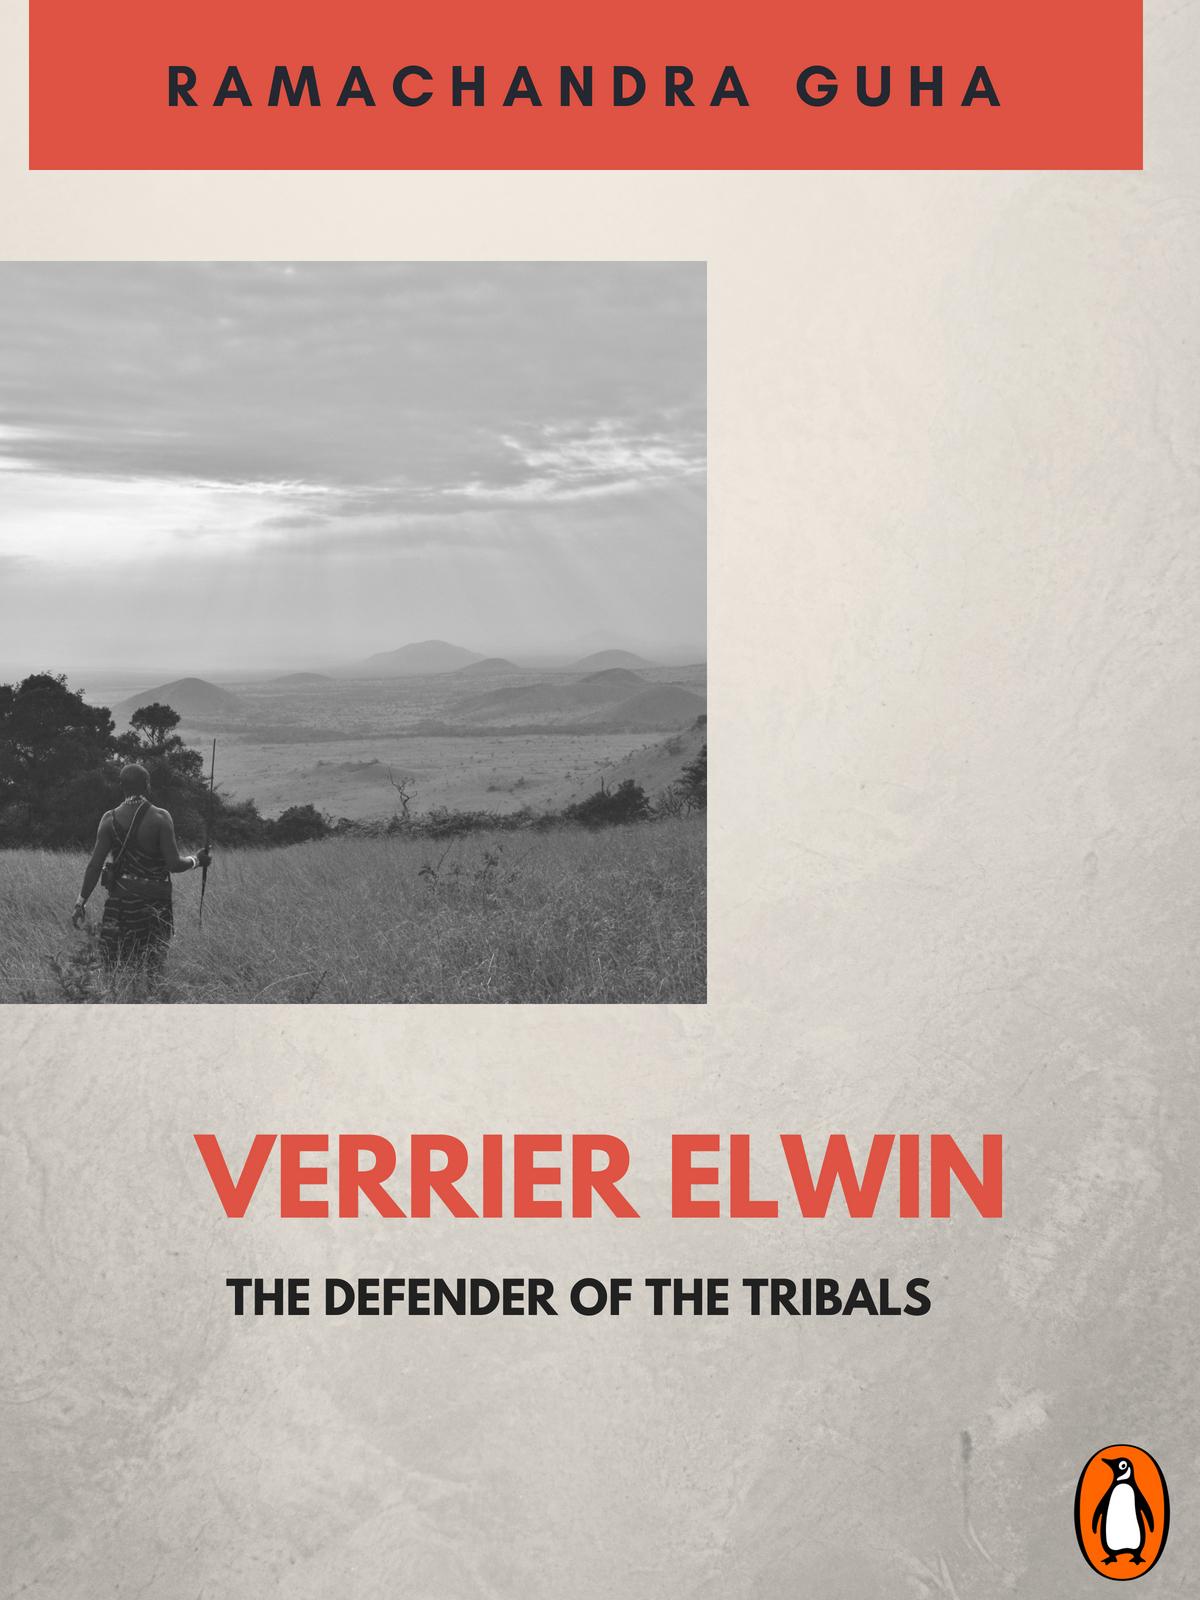 Verrier Elwin